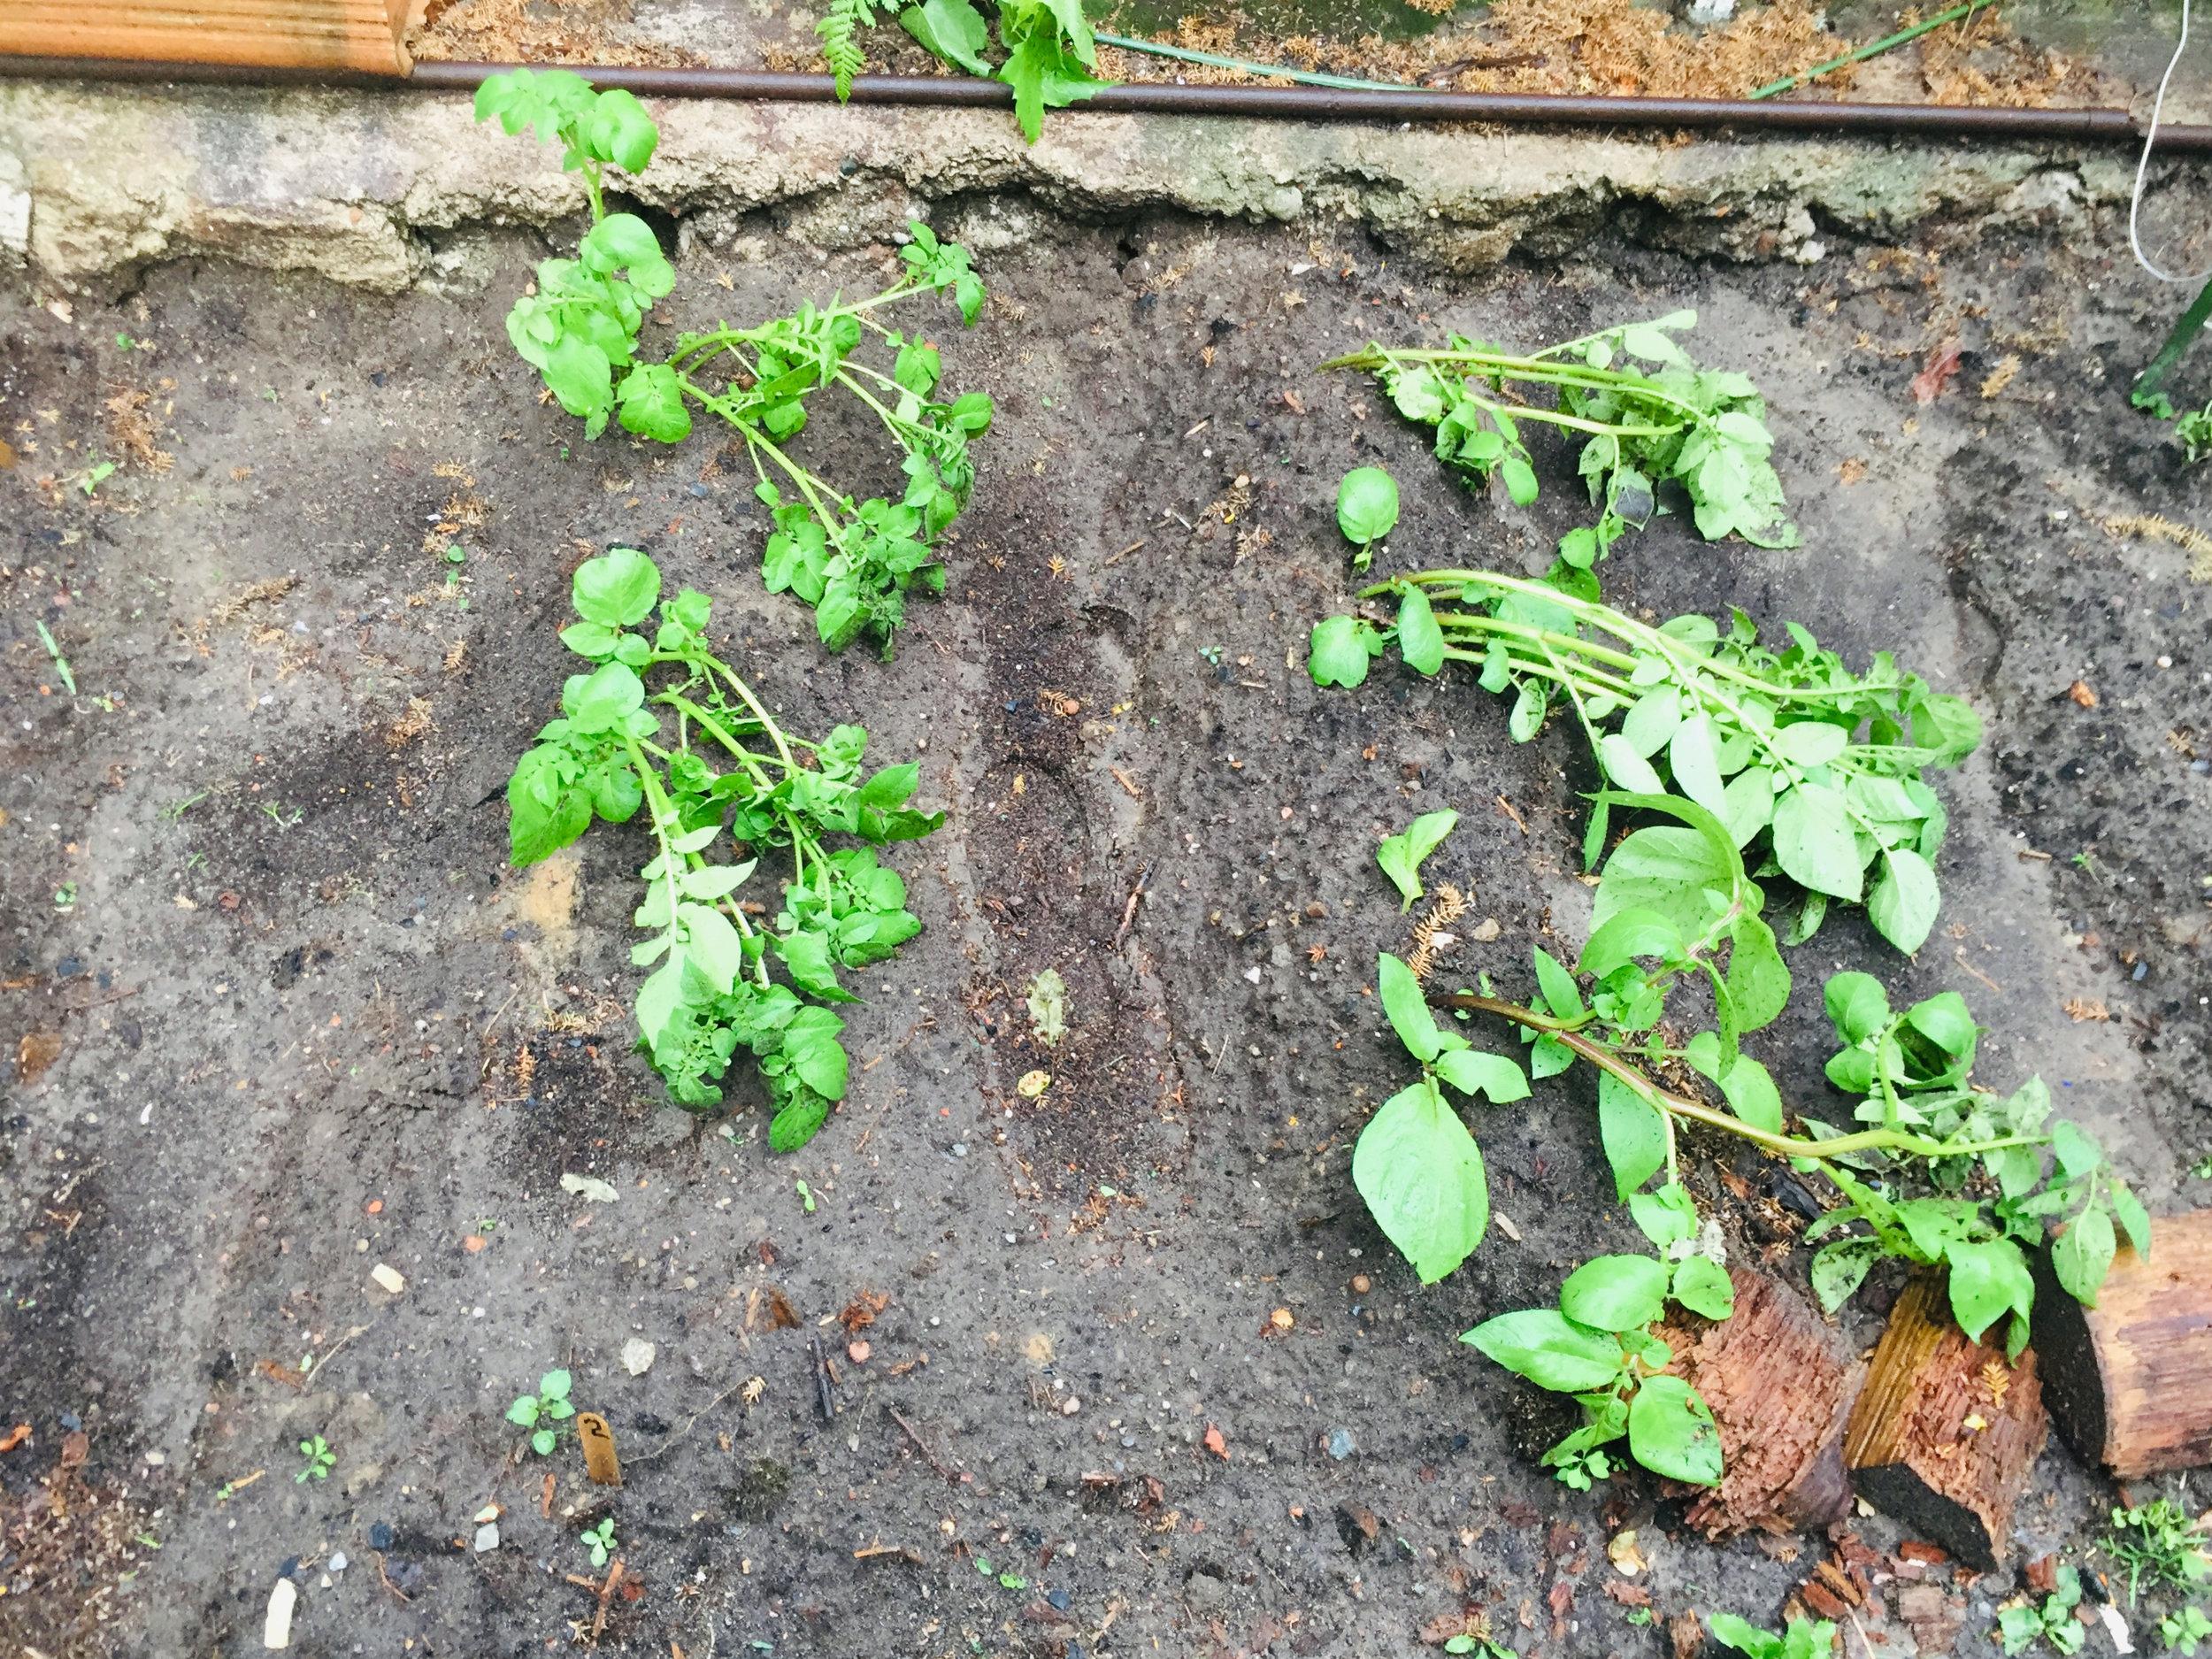 Die Kartoffelpflanzen liegen seit dem Starkregen alle auf dem Boden - in Fließrichtung